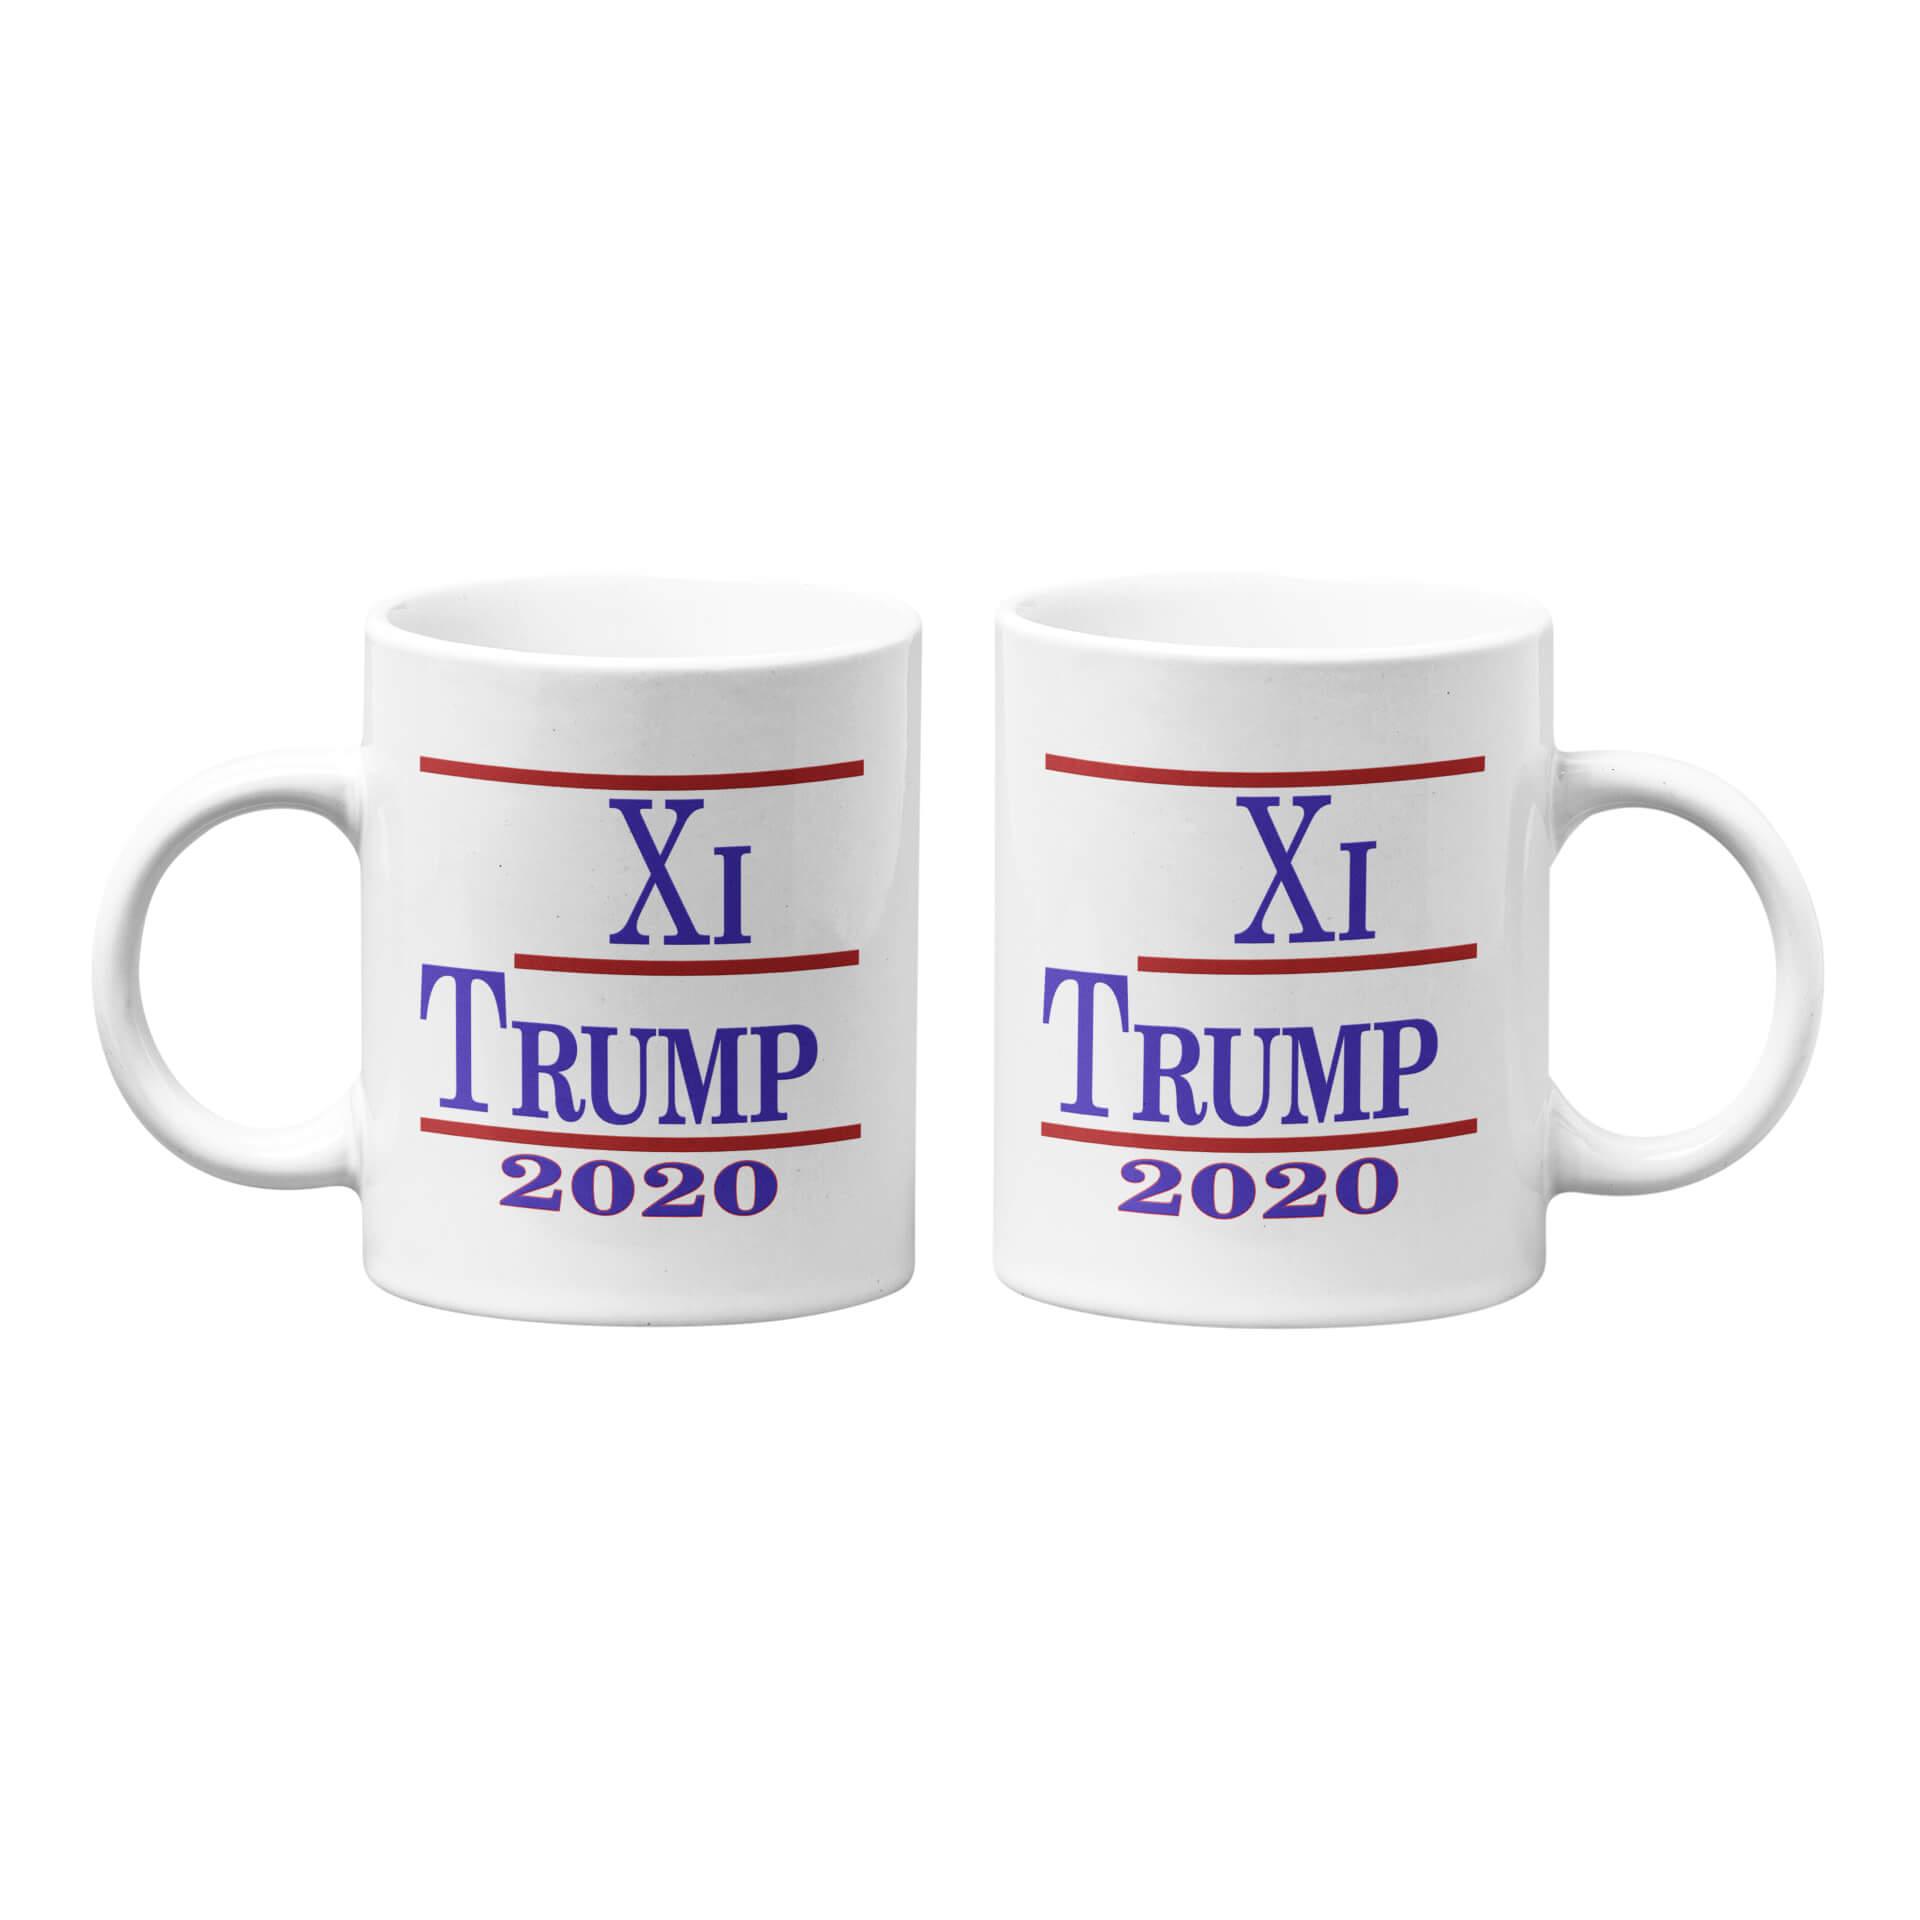 Xi Trump 2020 Sarcastic Mug